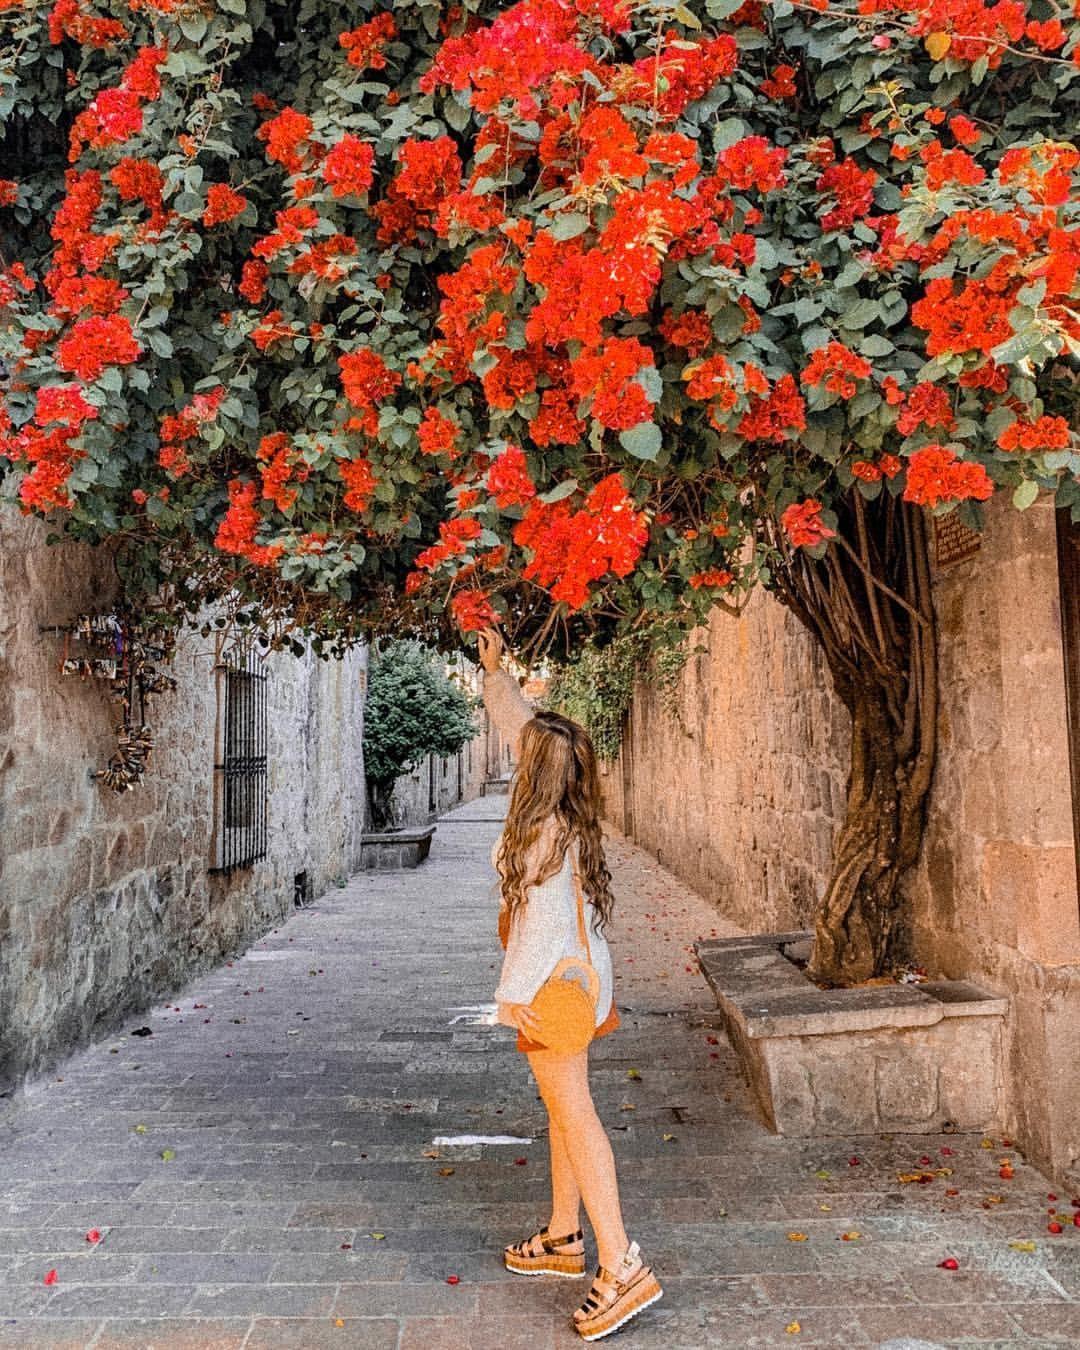 Callejón del Romance, uno de los lugares para redescubrir Morelia.